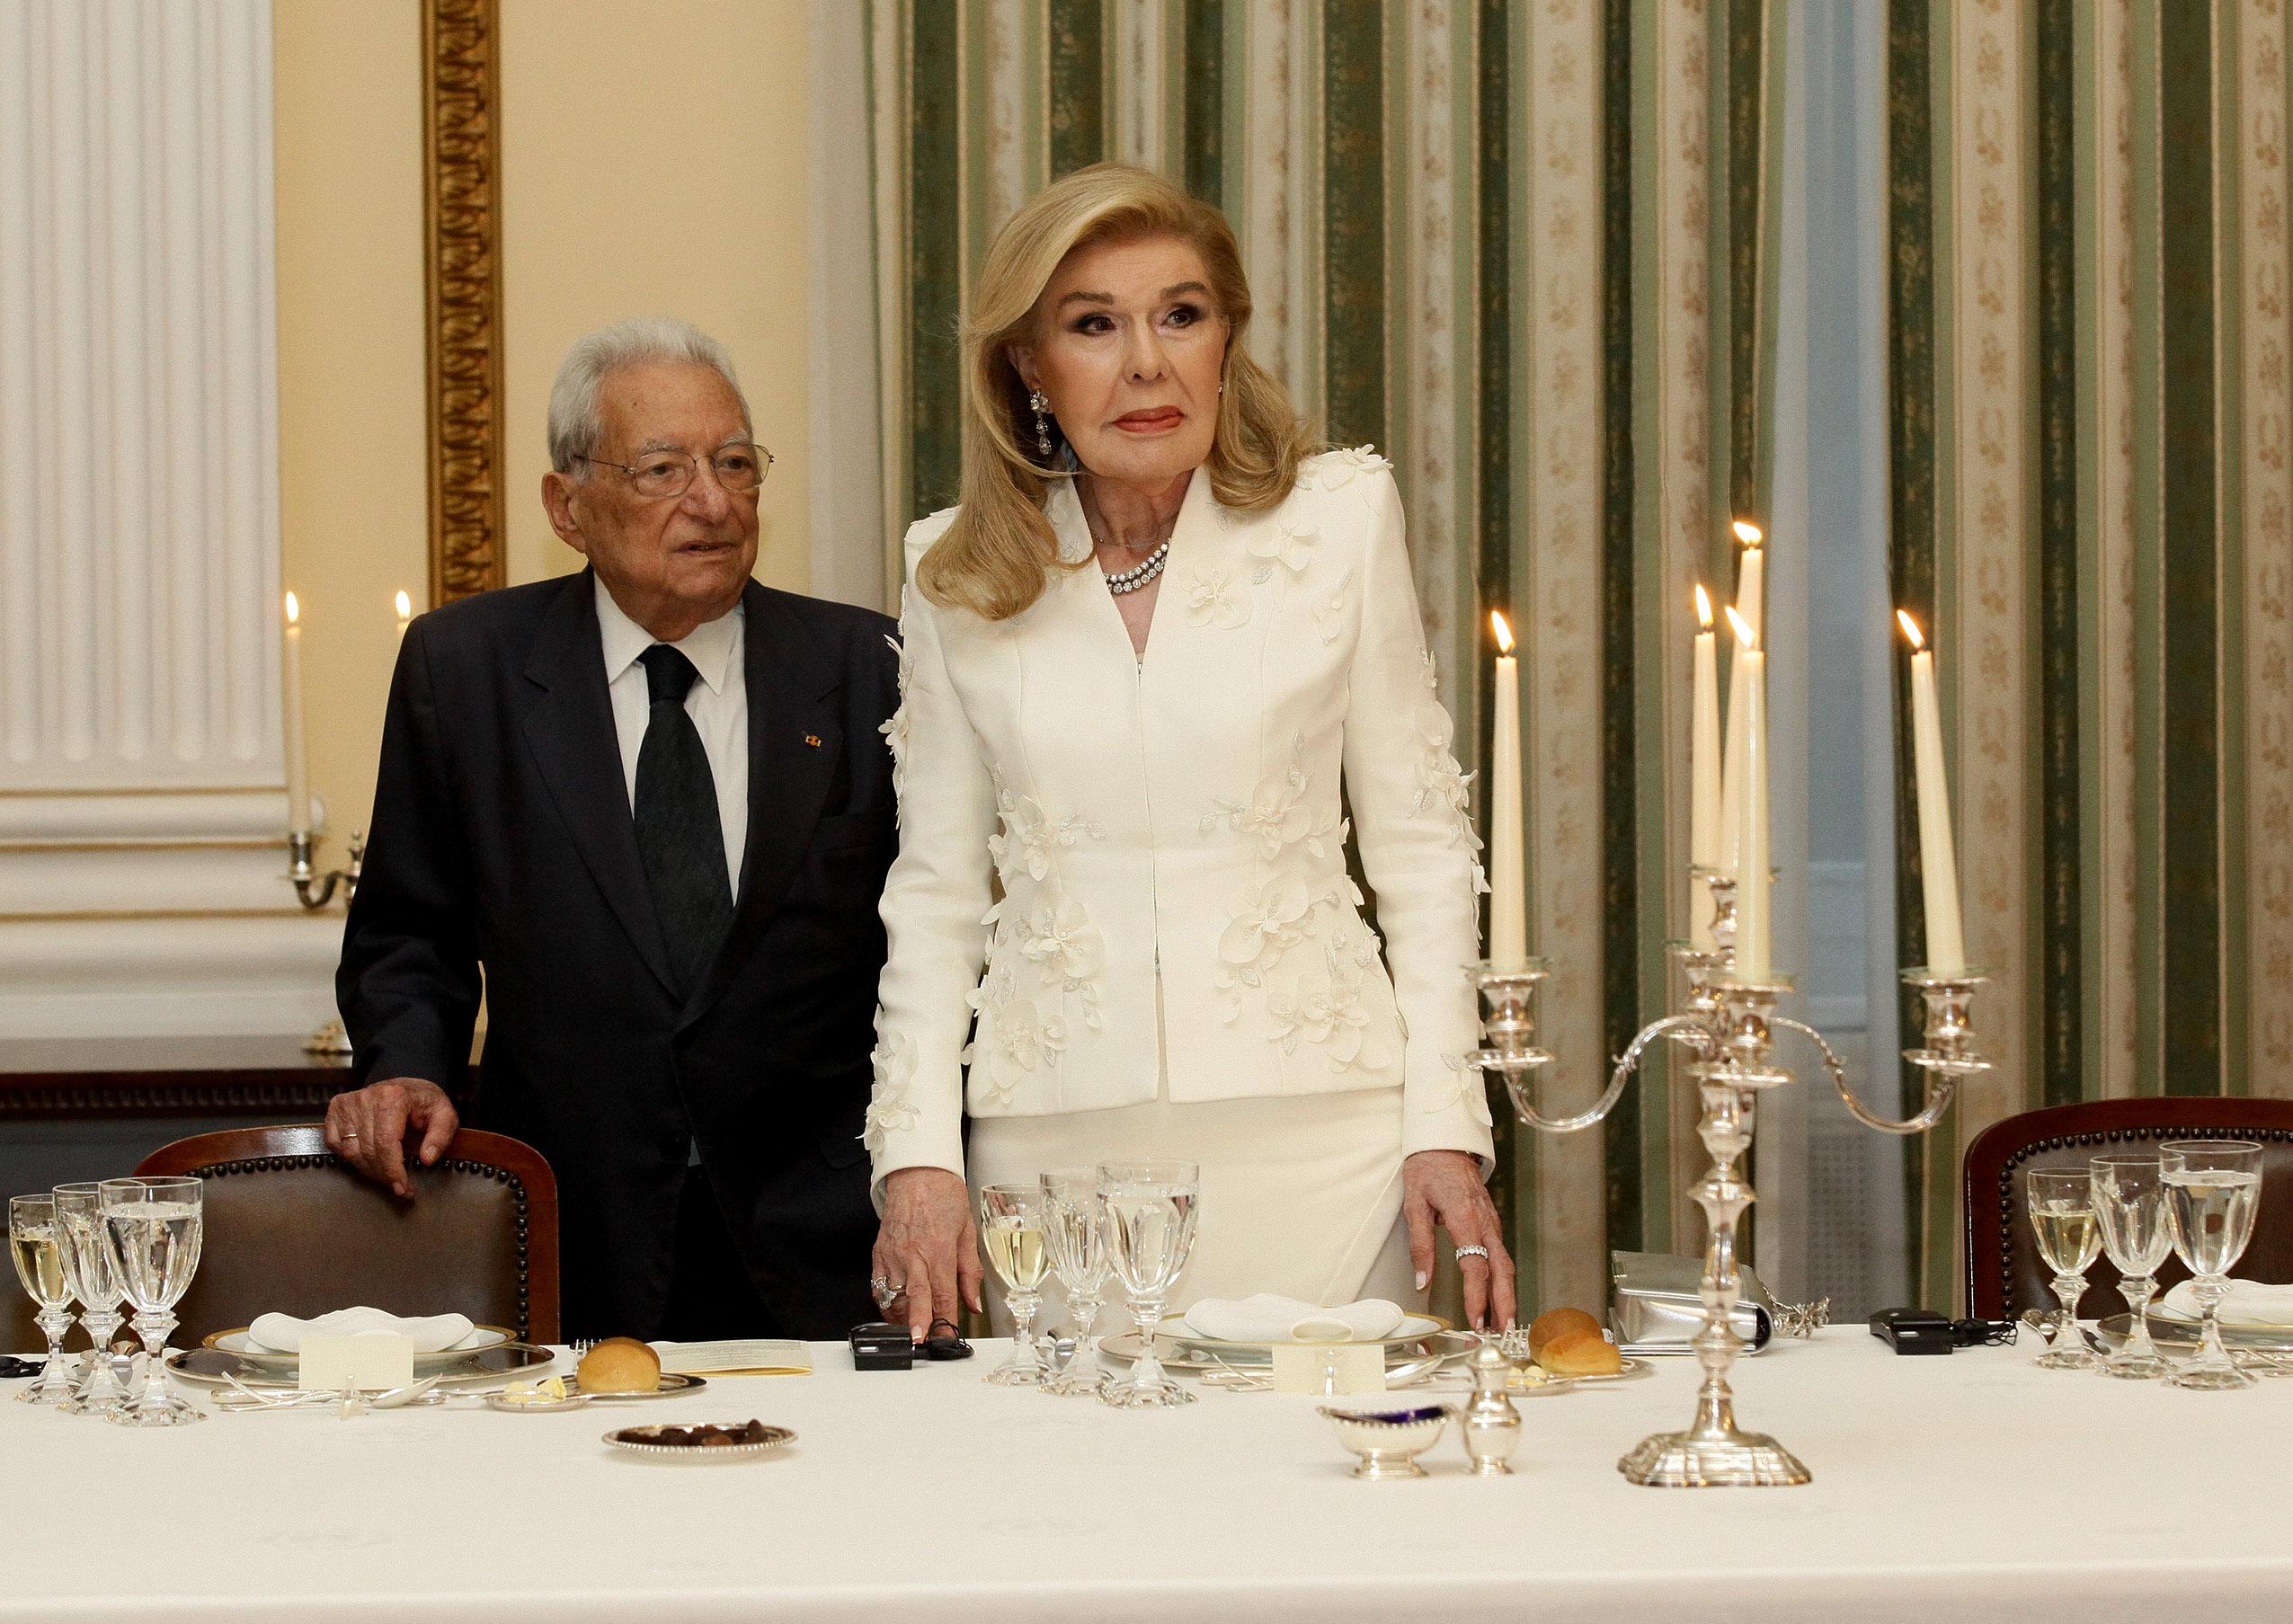 Μαριάννα Βαρδινογιάννη: Στο επίσημο δείπνο για τον Πρόεδρο της Δημοκρατίας της Ινδίας! | tlife.gr